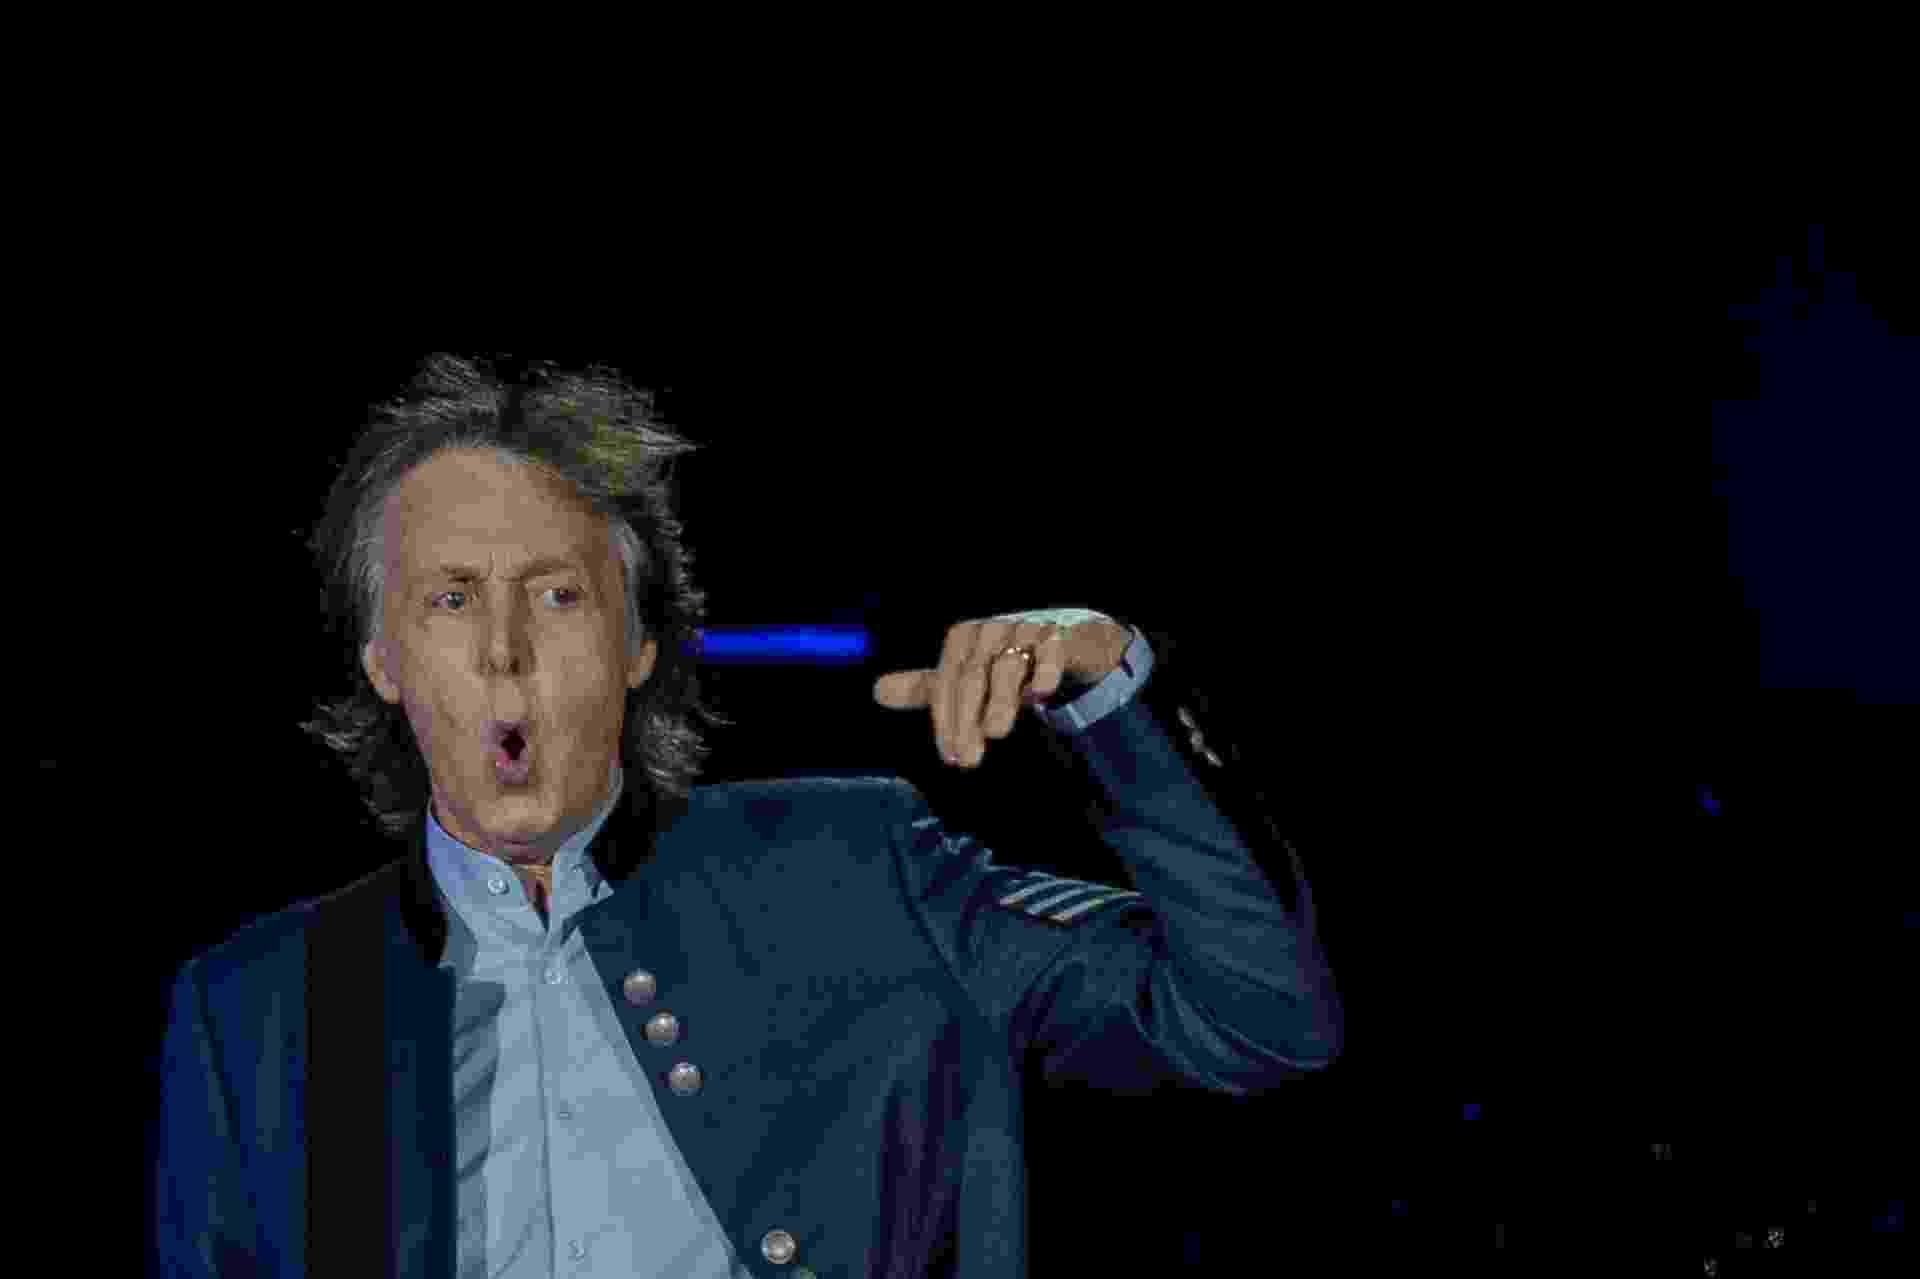 Show do cantor Paul McCartney, no estádio Allianz Parque, em Sao Paulo - Eduardo Anizelli/Folhapress